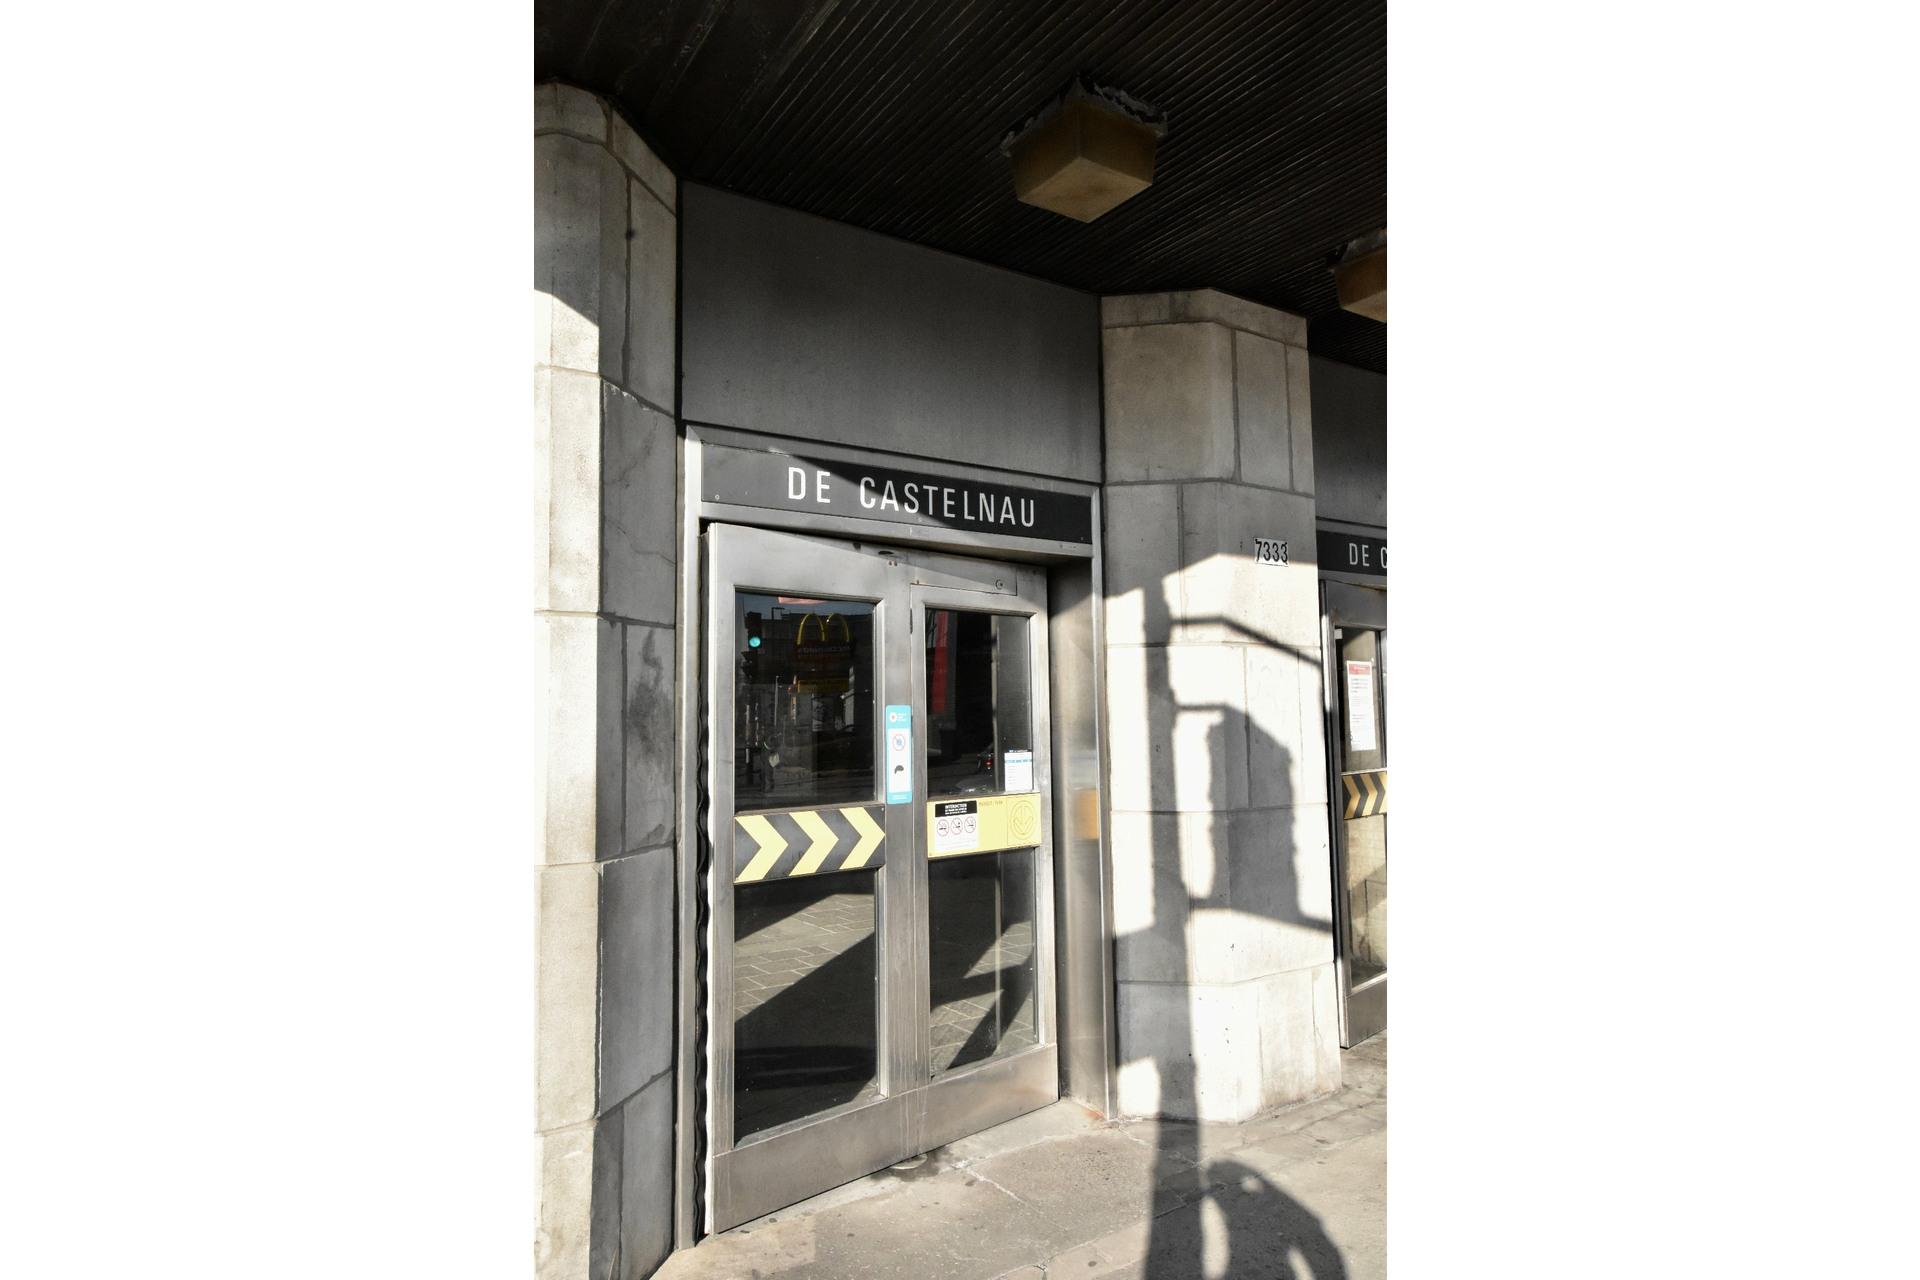 image 3 - Appartement À louer Villeray/Saint-Michel/Parc-Extension Montréal  - 8 pièces